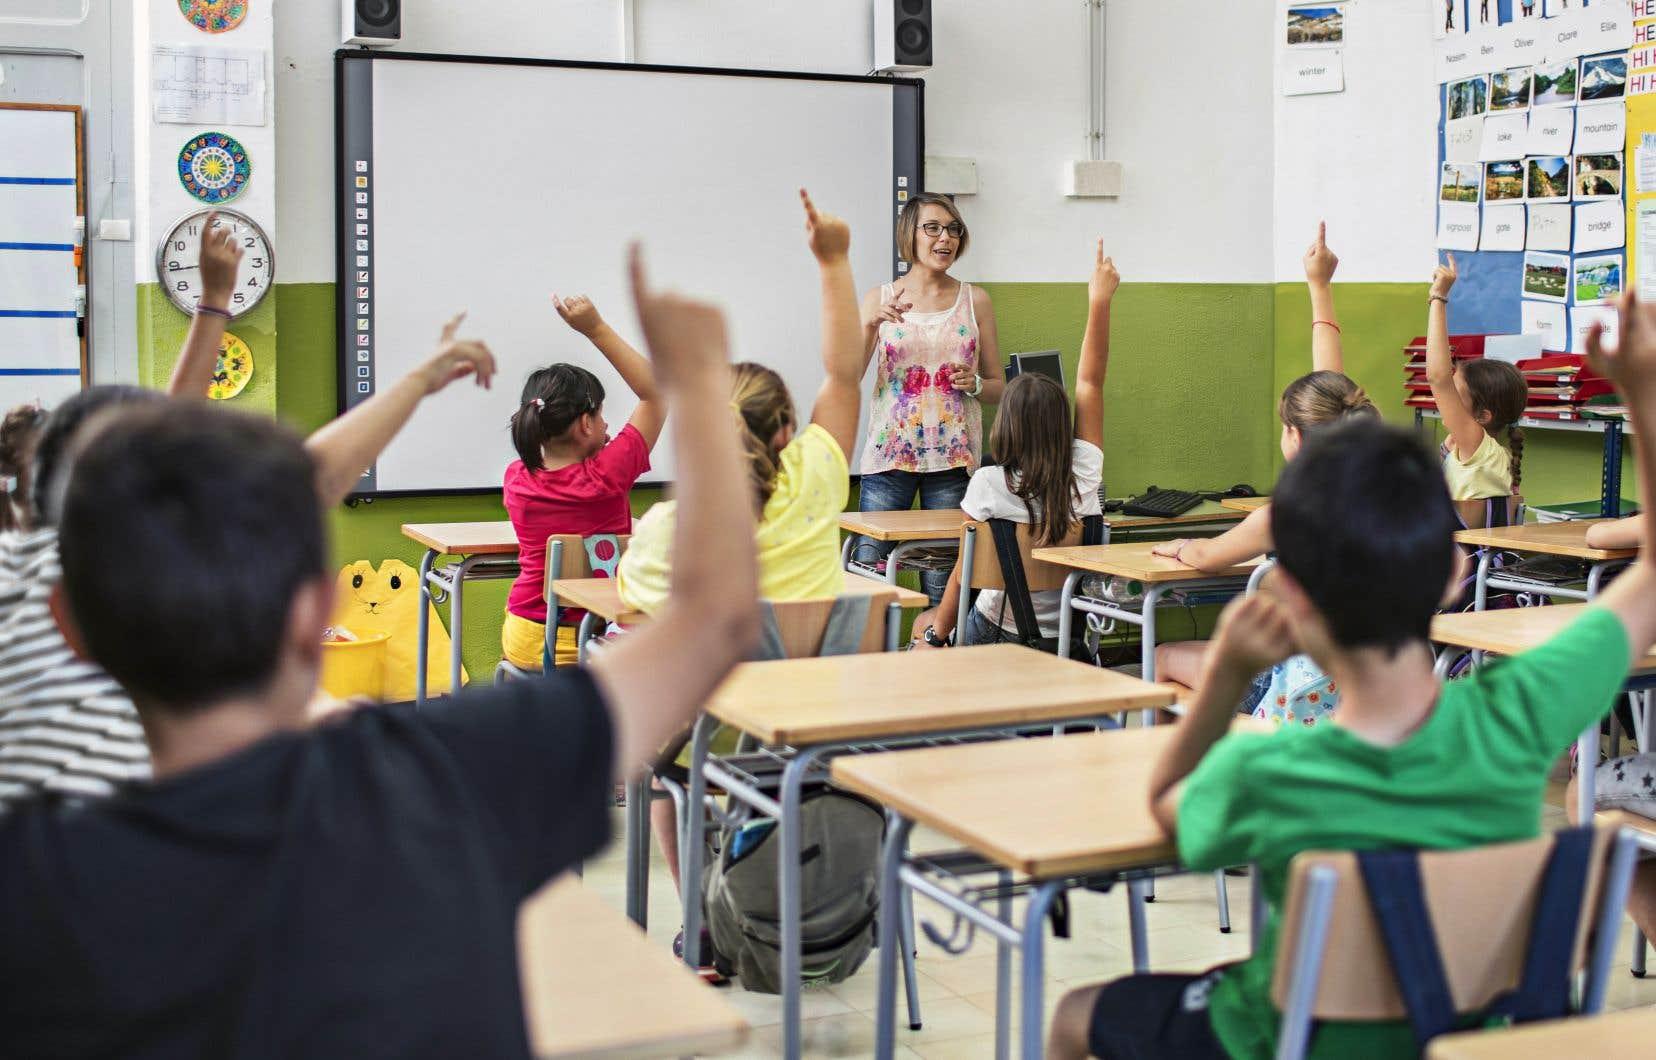 Nos enseignants, qui ont réussi tant bien que mal à maintenir le cap malgré les années d'austérité, montrent aujourd'hui des signes d'essoufflement.